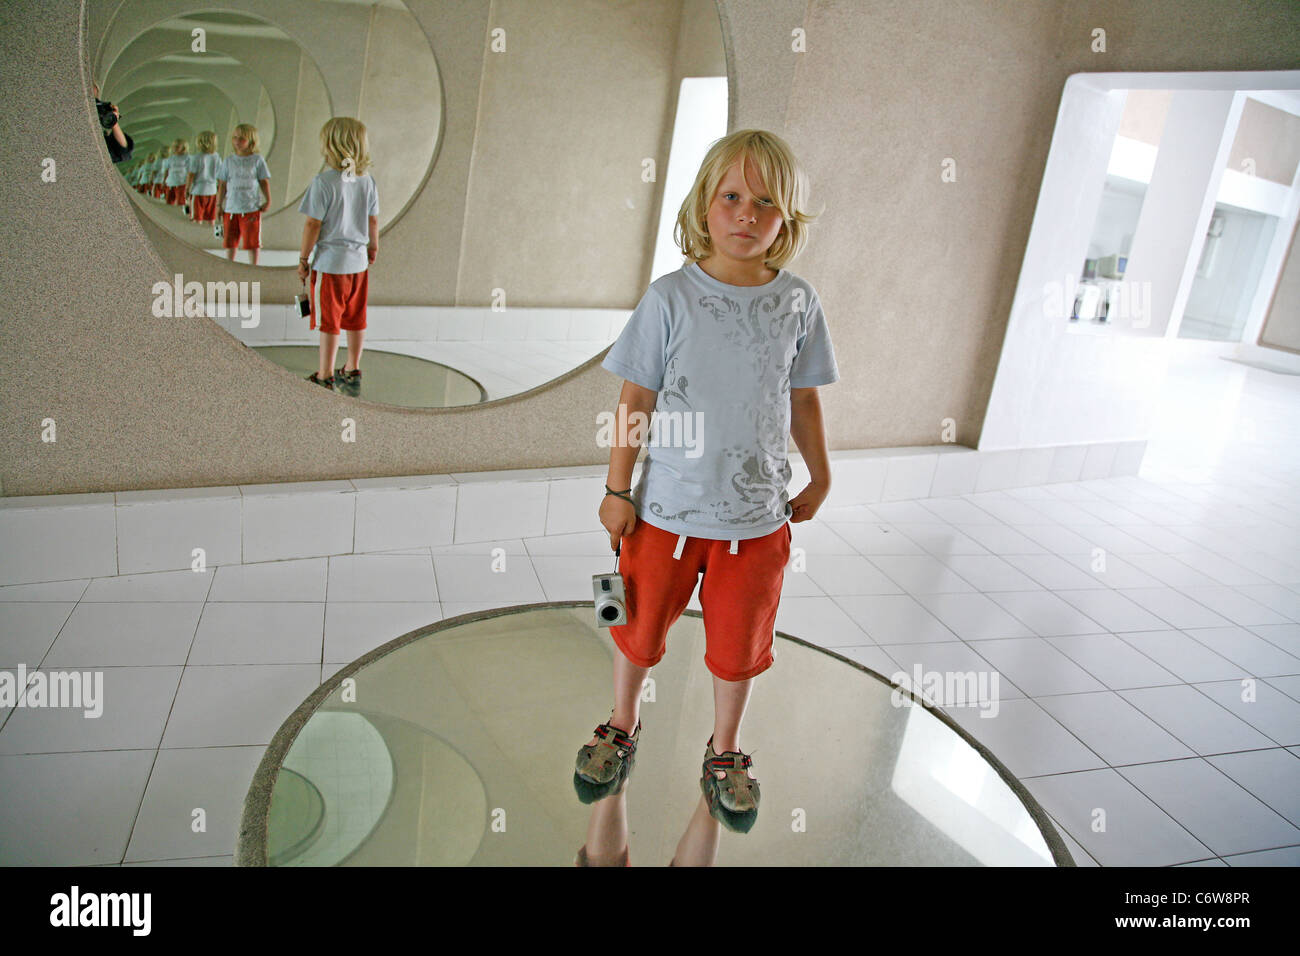 En un Espejo Chico Imagen De Stock